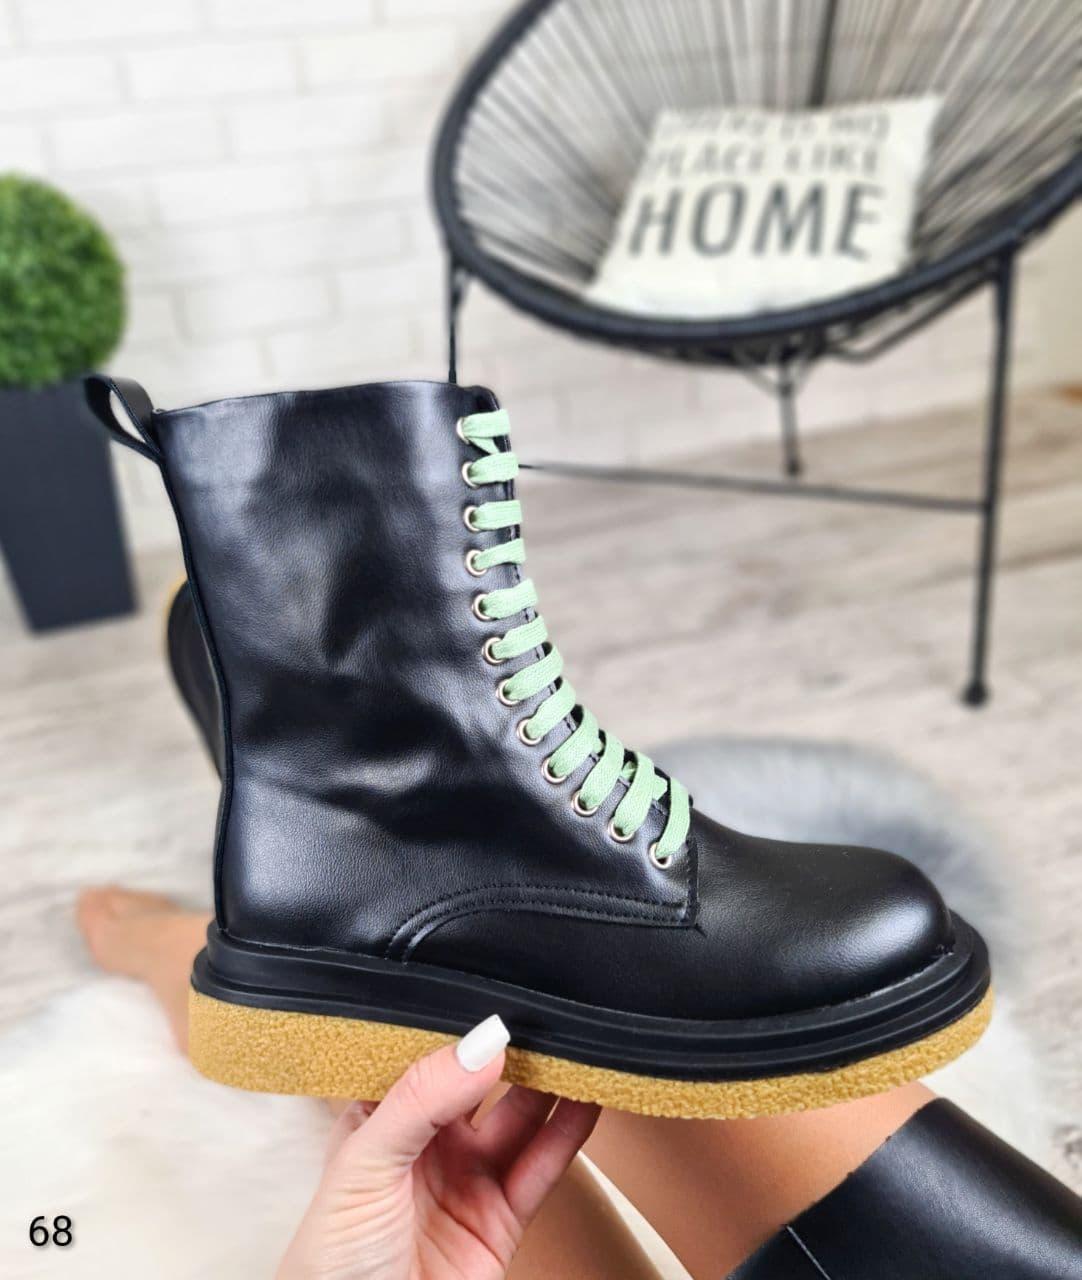 Стильные женские демисезонные ботинки с яркими шнурками  LS-68